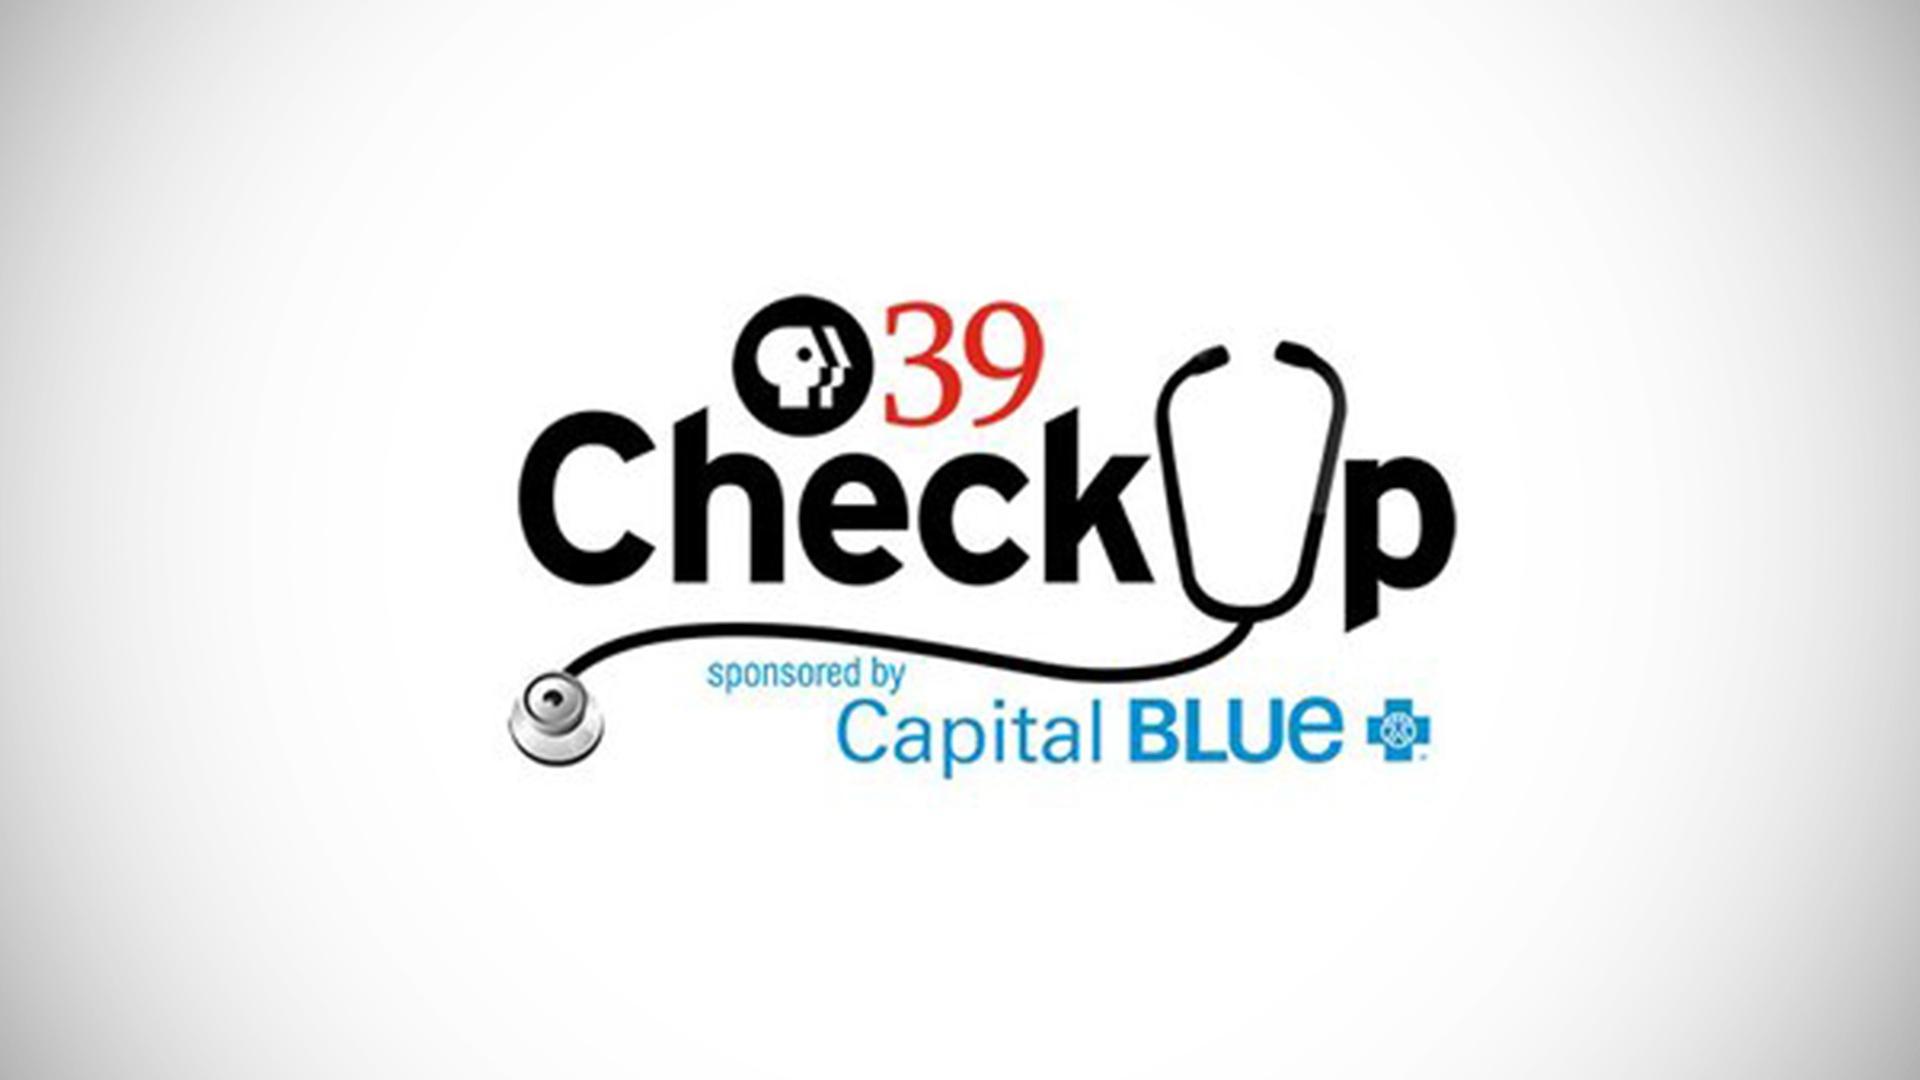 PBS39 Check Up